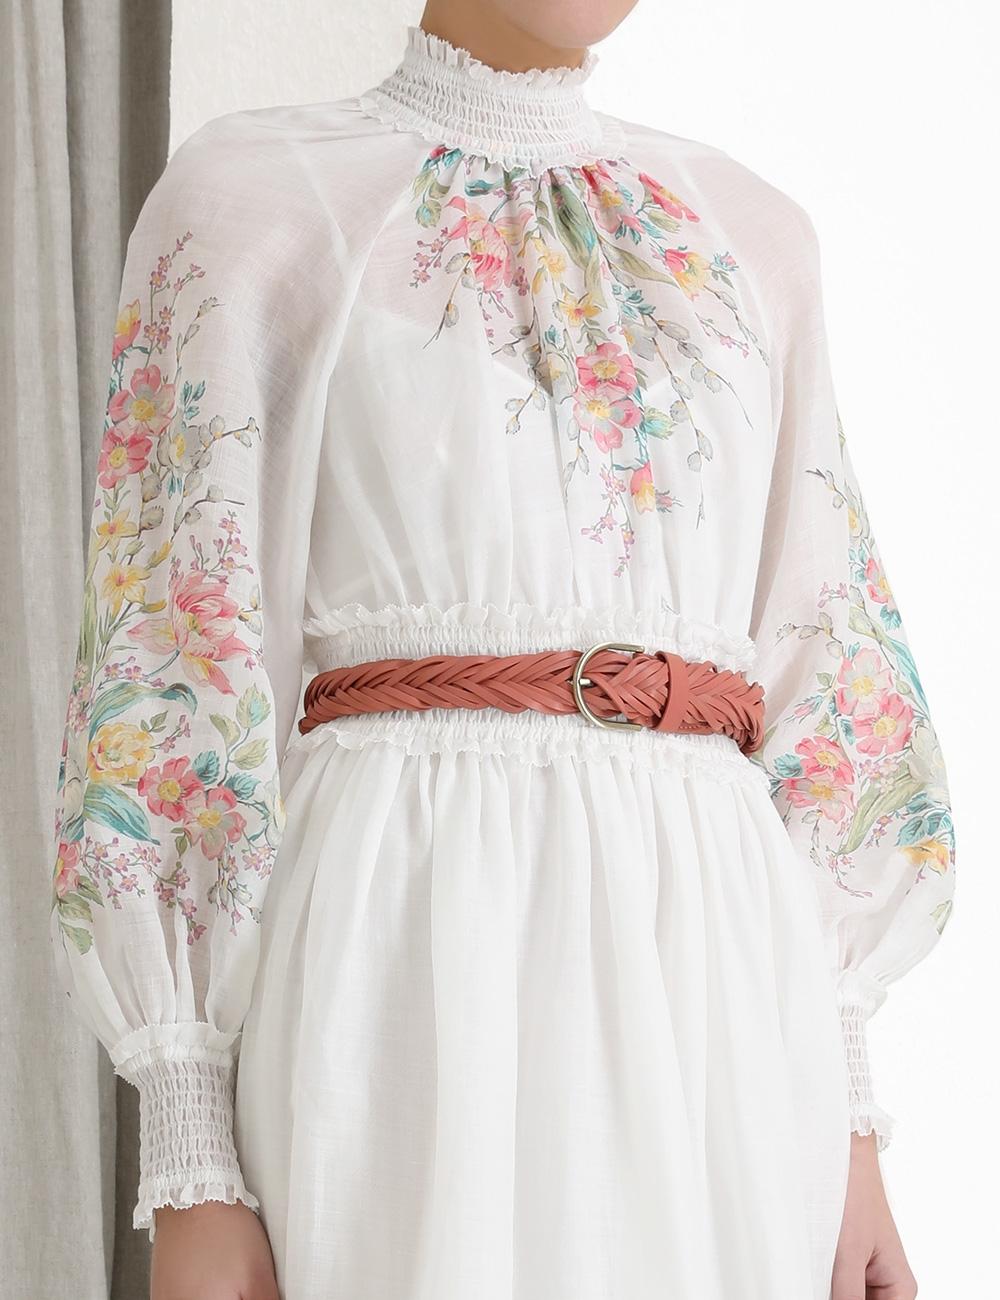 Woven Hip Belt